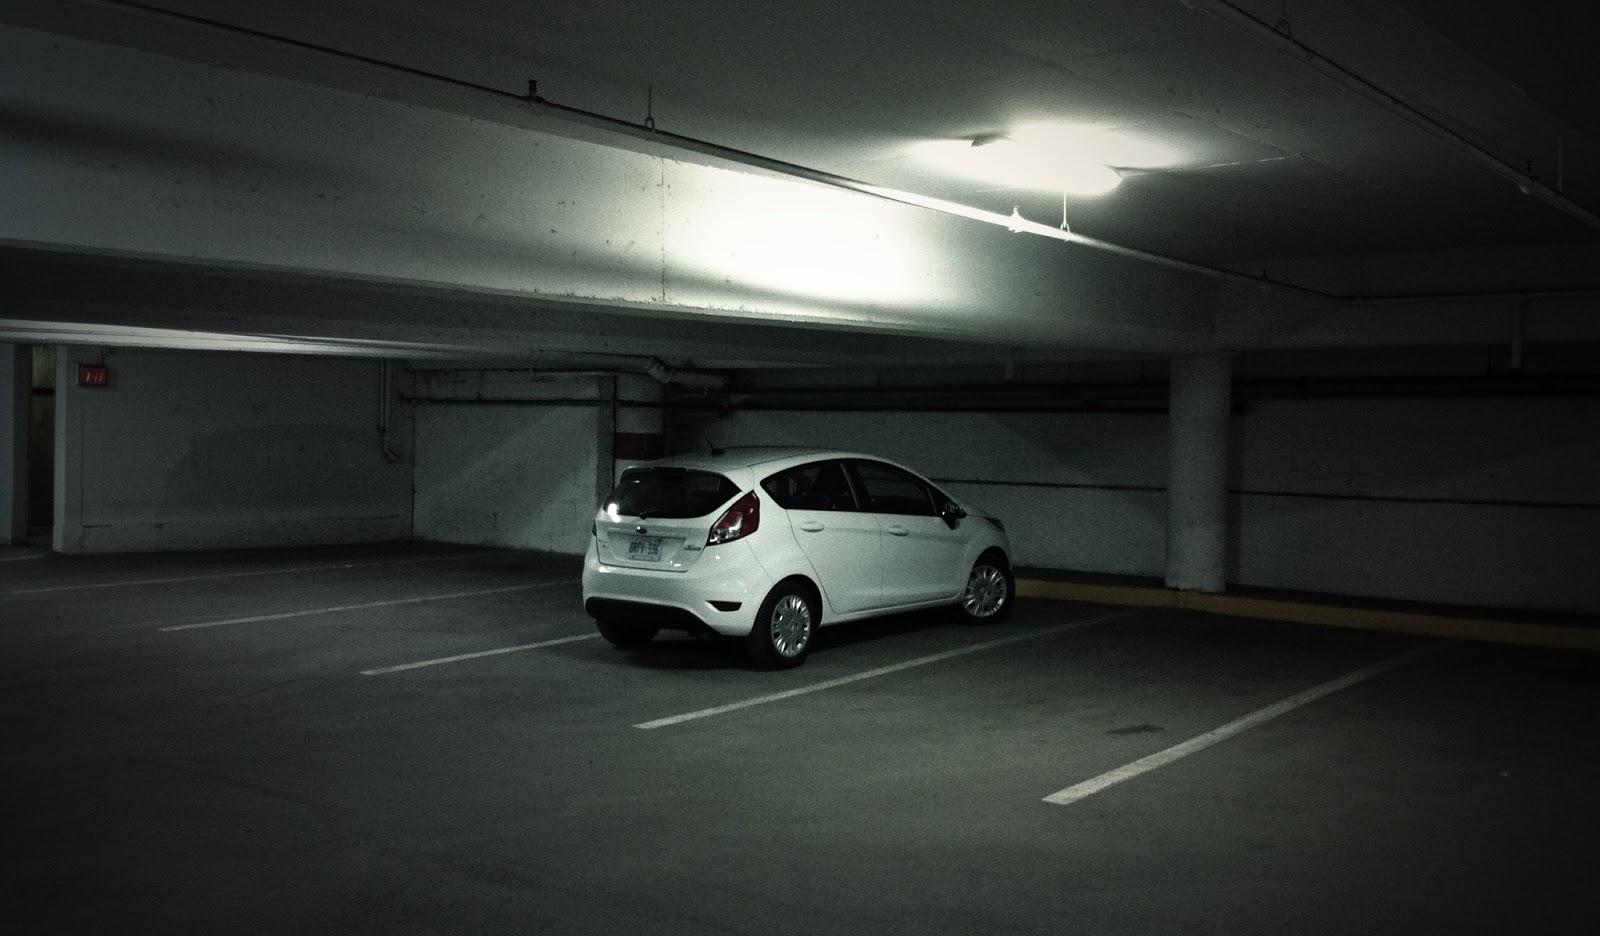 2014 Ford Fiesta SFE EcoBoost hatchback